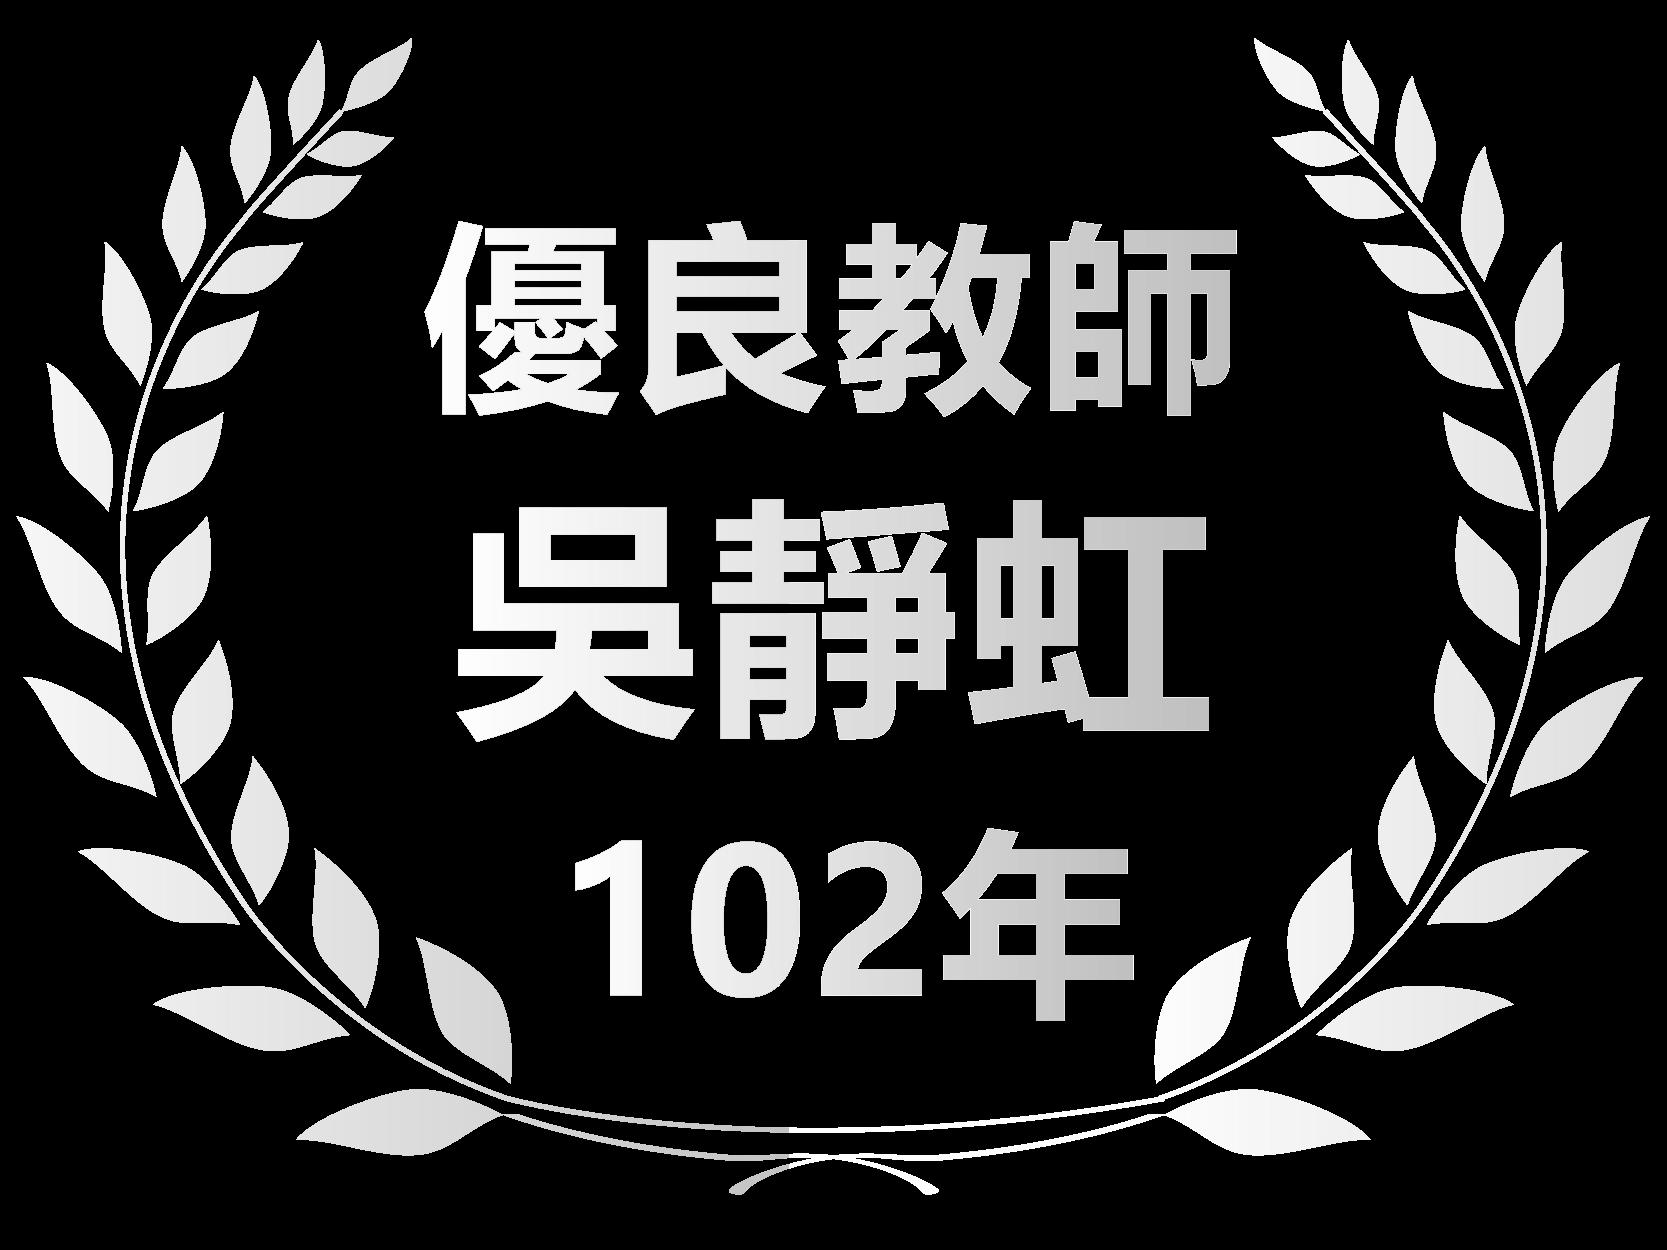 102年吳靜虹優良教師